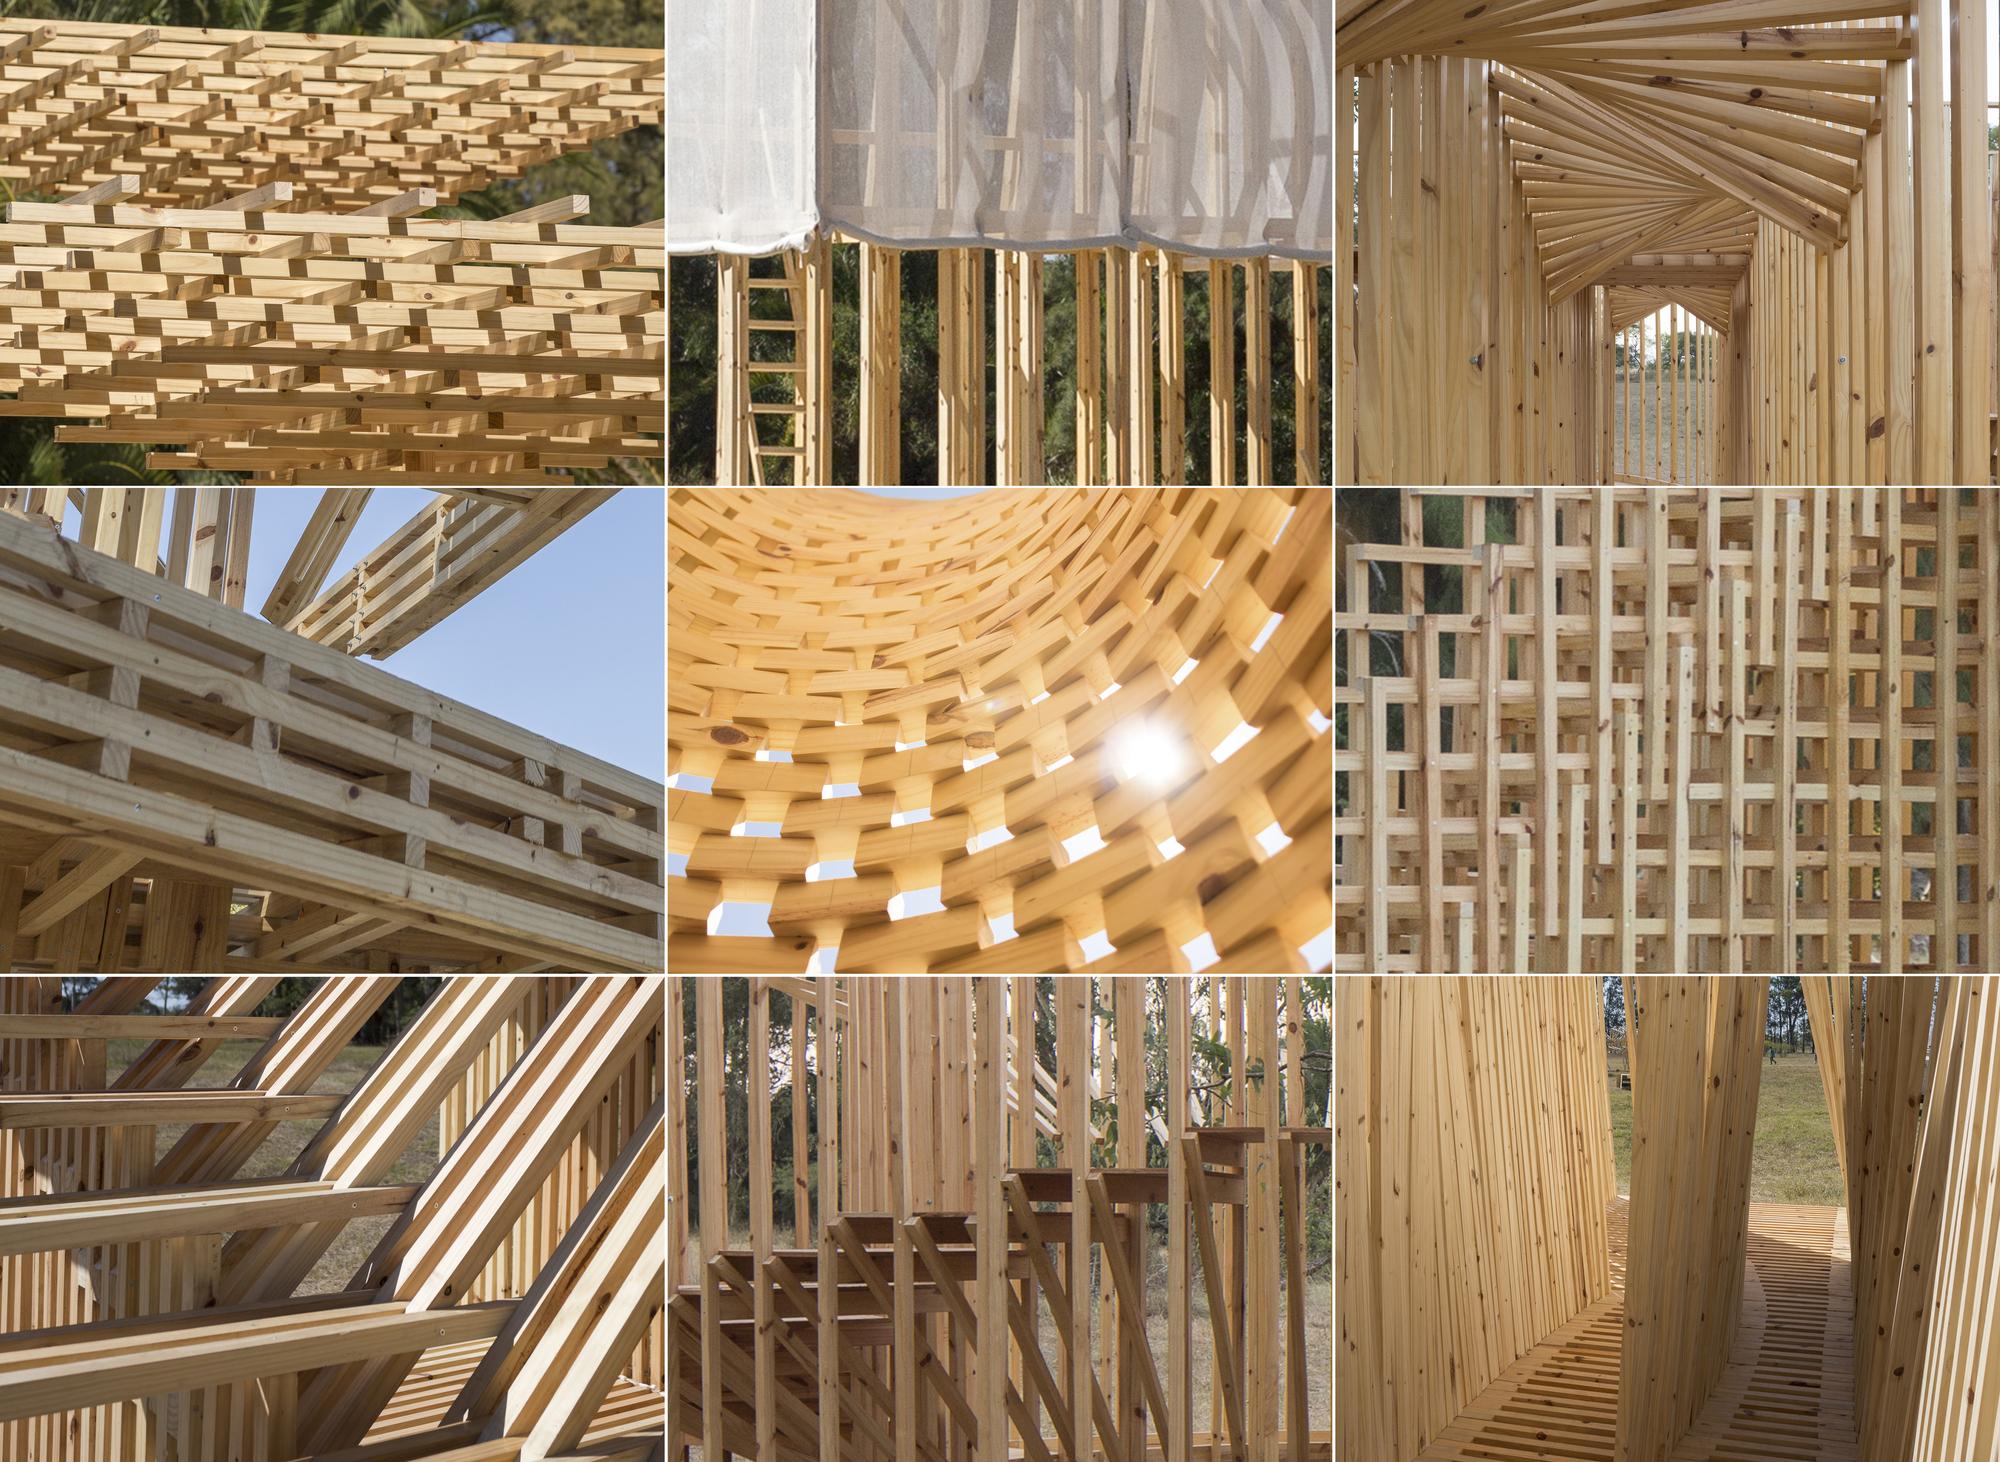 Las estructuras de madera construidas por estudiantes en - Maderas lamelas ...